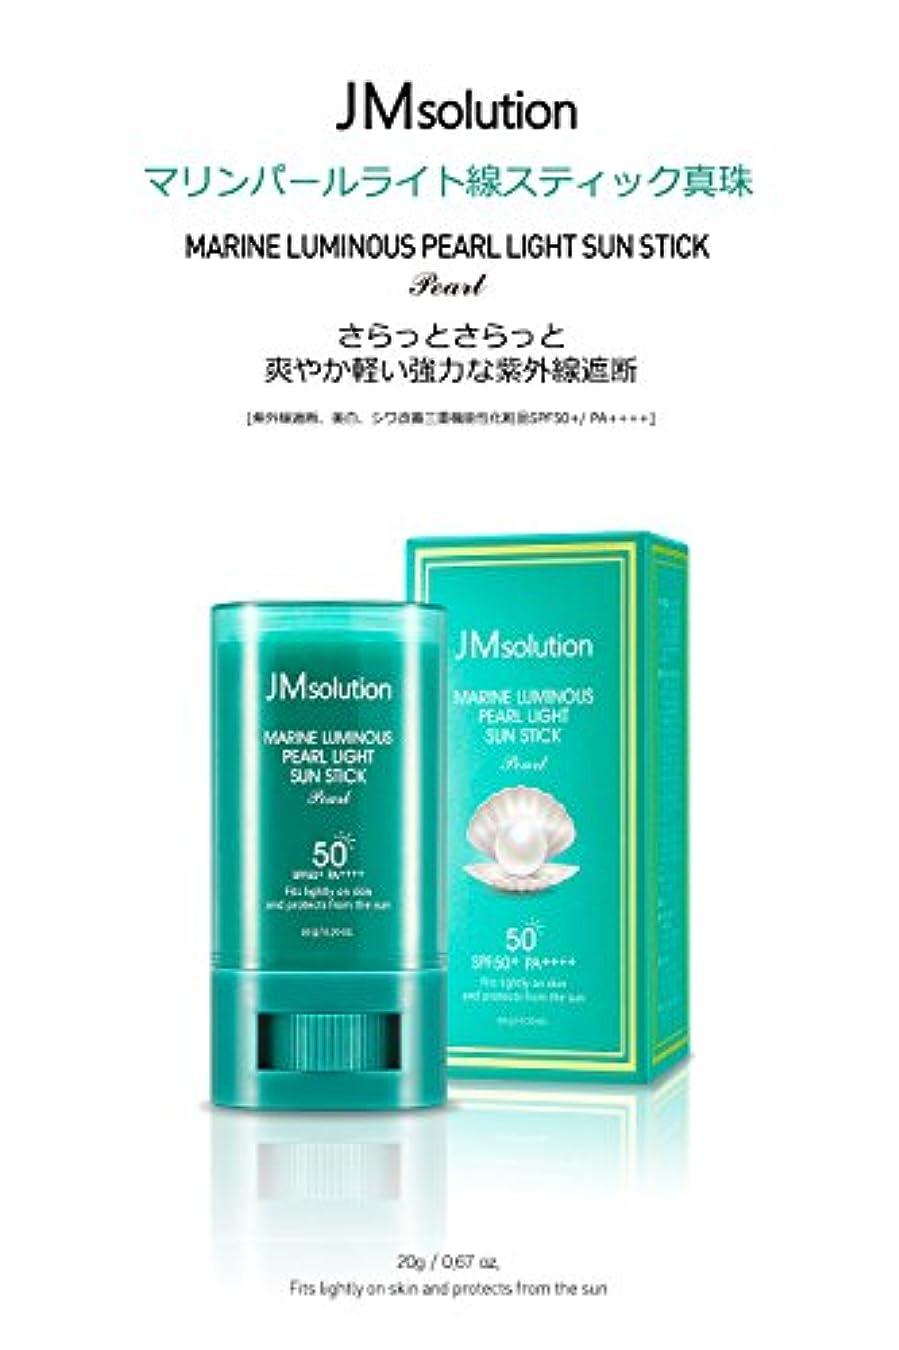 レバー句通知JM Solution Marine Luminous Pearl Light Sun Stick 20g (spf50 PA)/マリンルミナスパールライトサンスティック20g